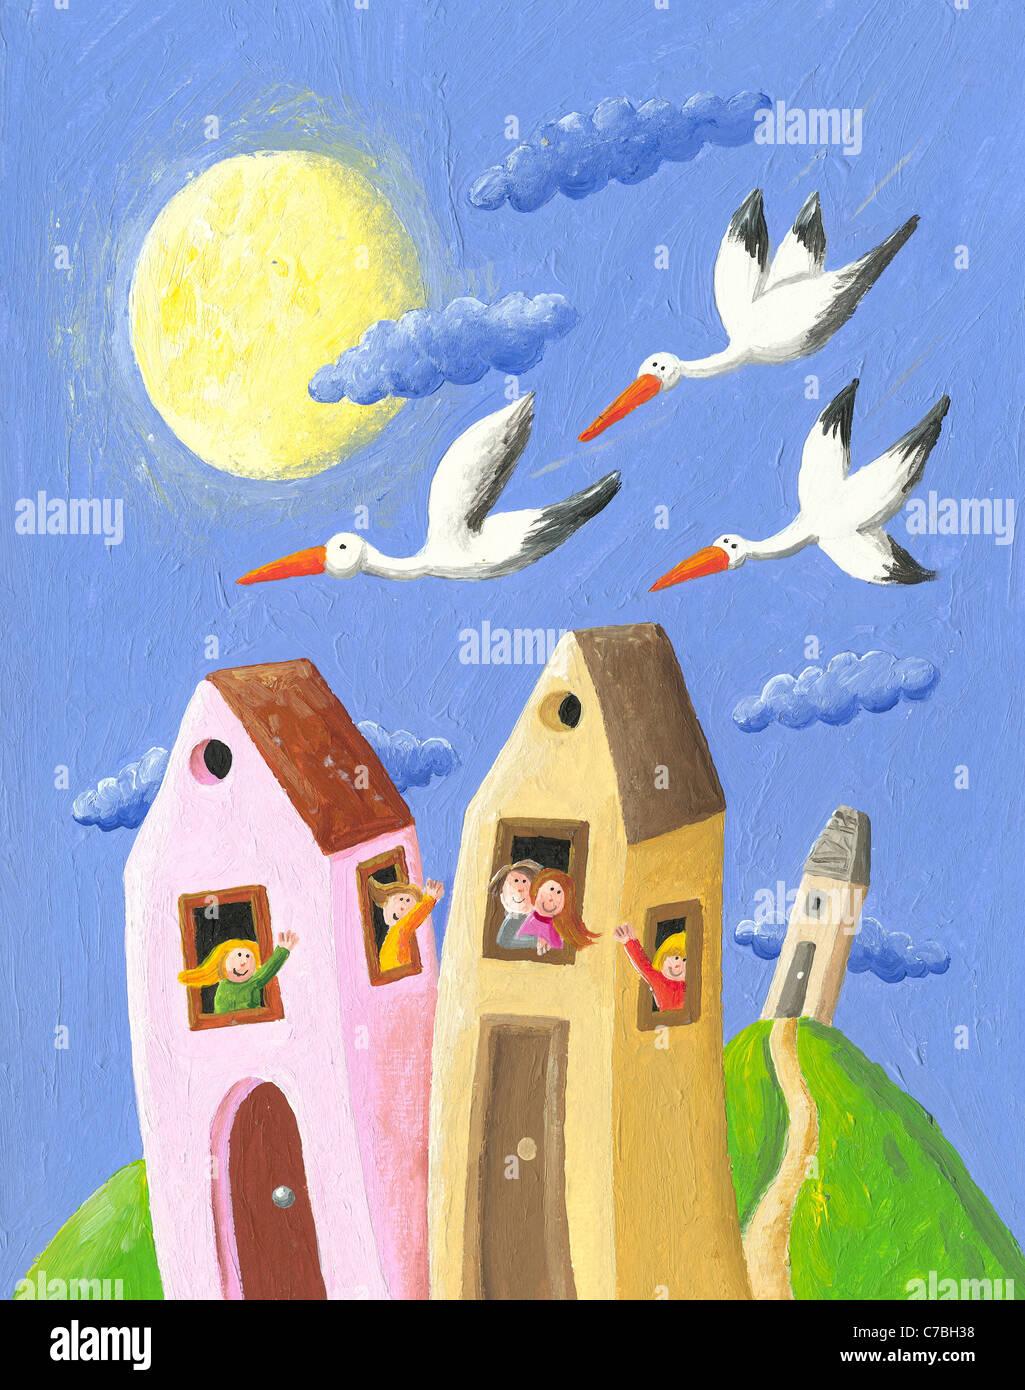 Ilustración de acrílico de gente feliz en la aldea agitando las cigüeñas Imagen De Stock